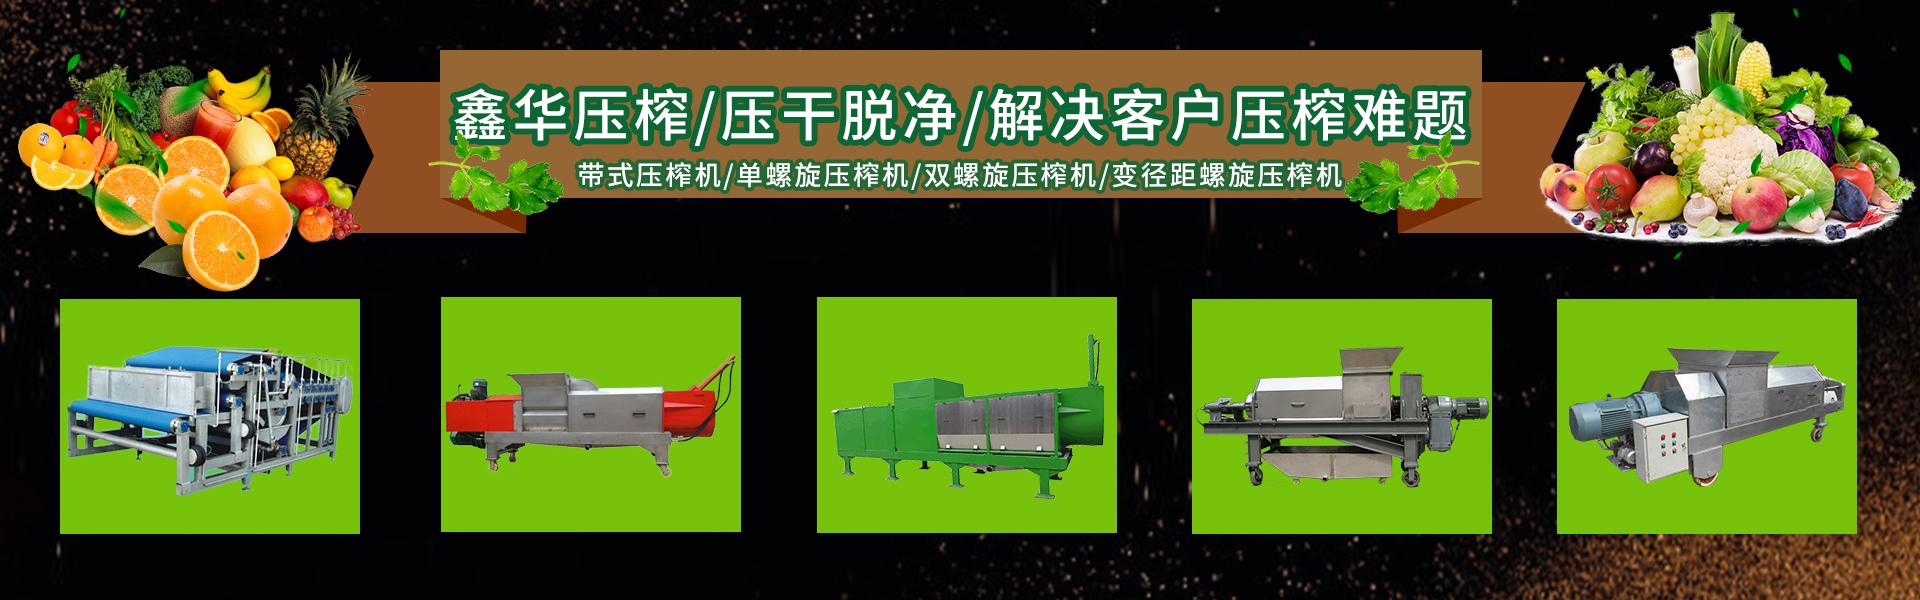 带式压榨机,螺旋压榨机,压榨机,新乡压榨机,新乡螺旋压榨机